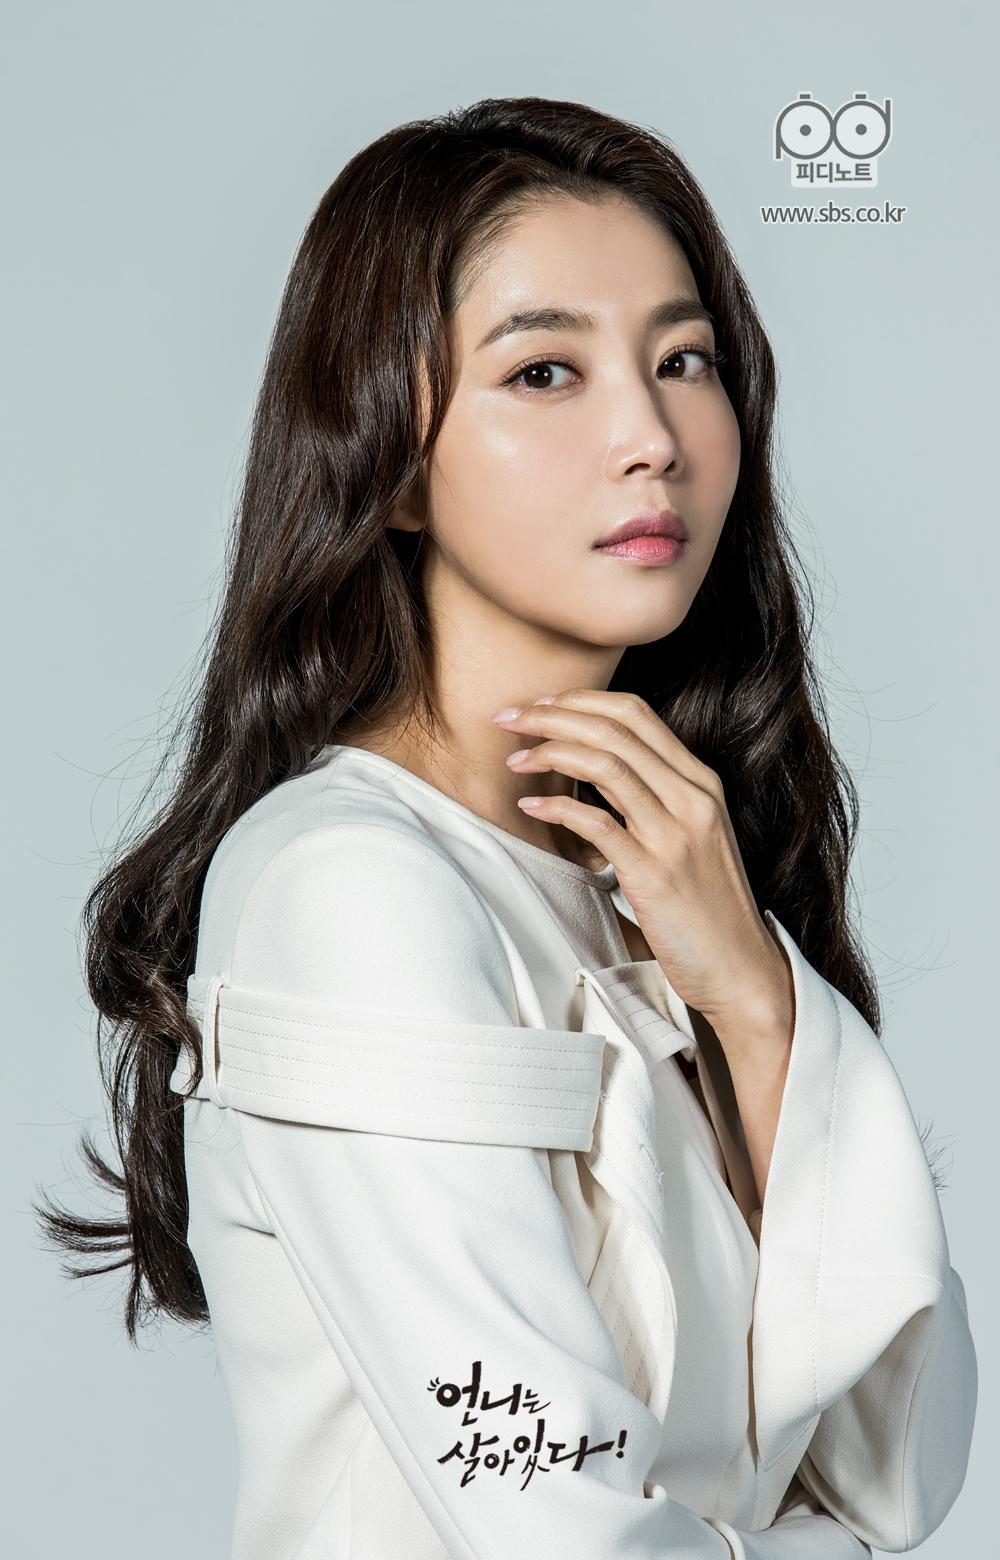 언니는 살아있다 등장인물 김은향, 오윤아